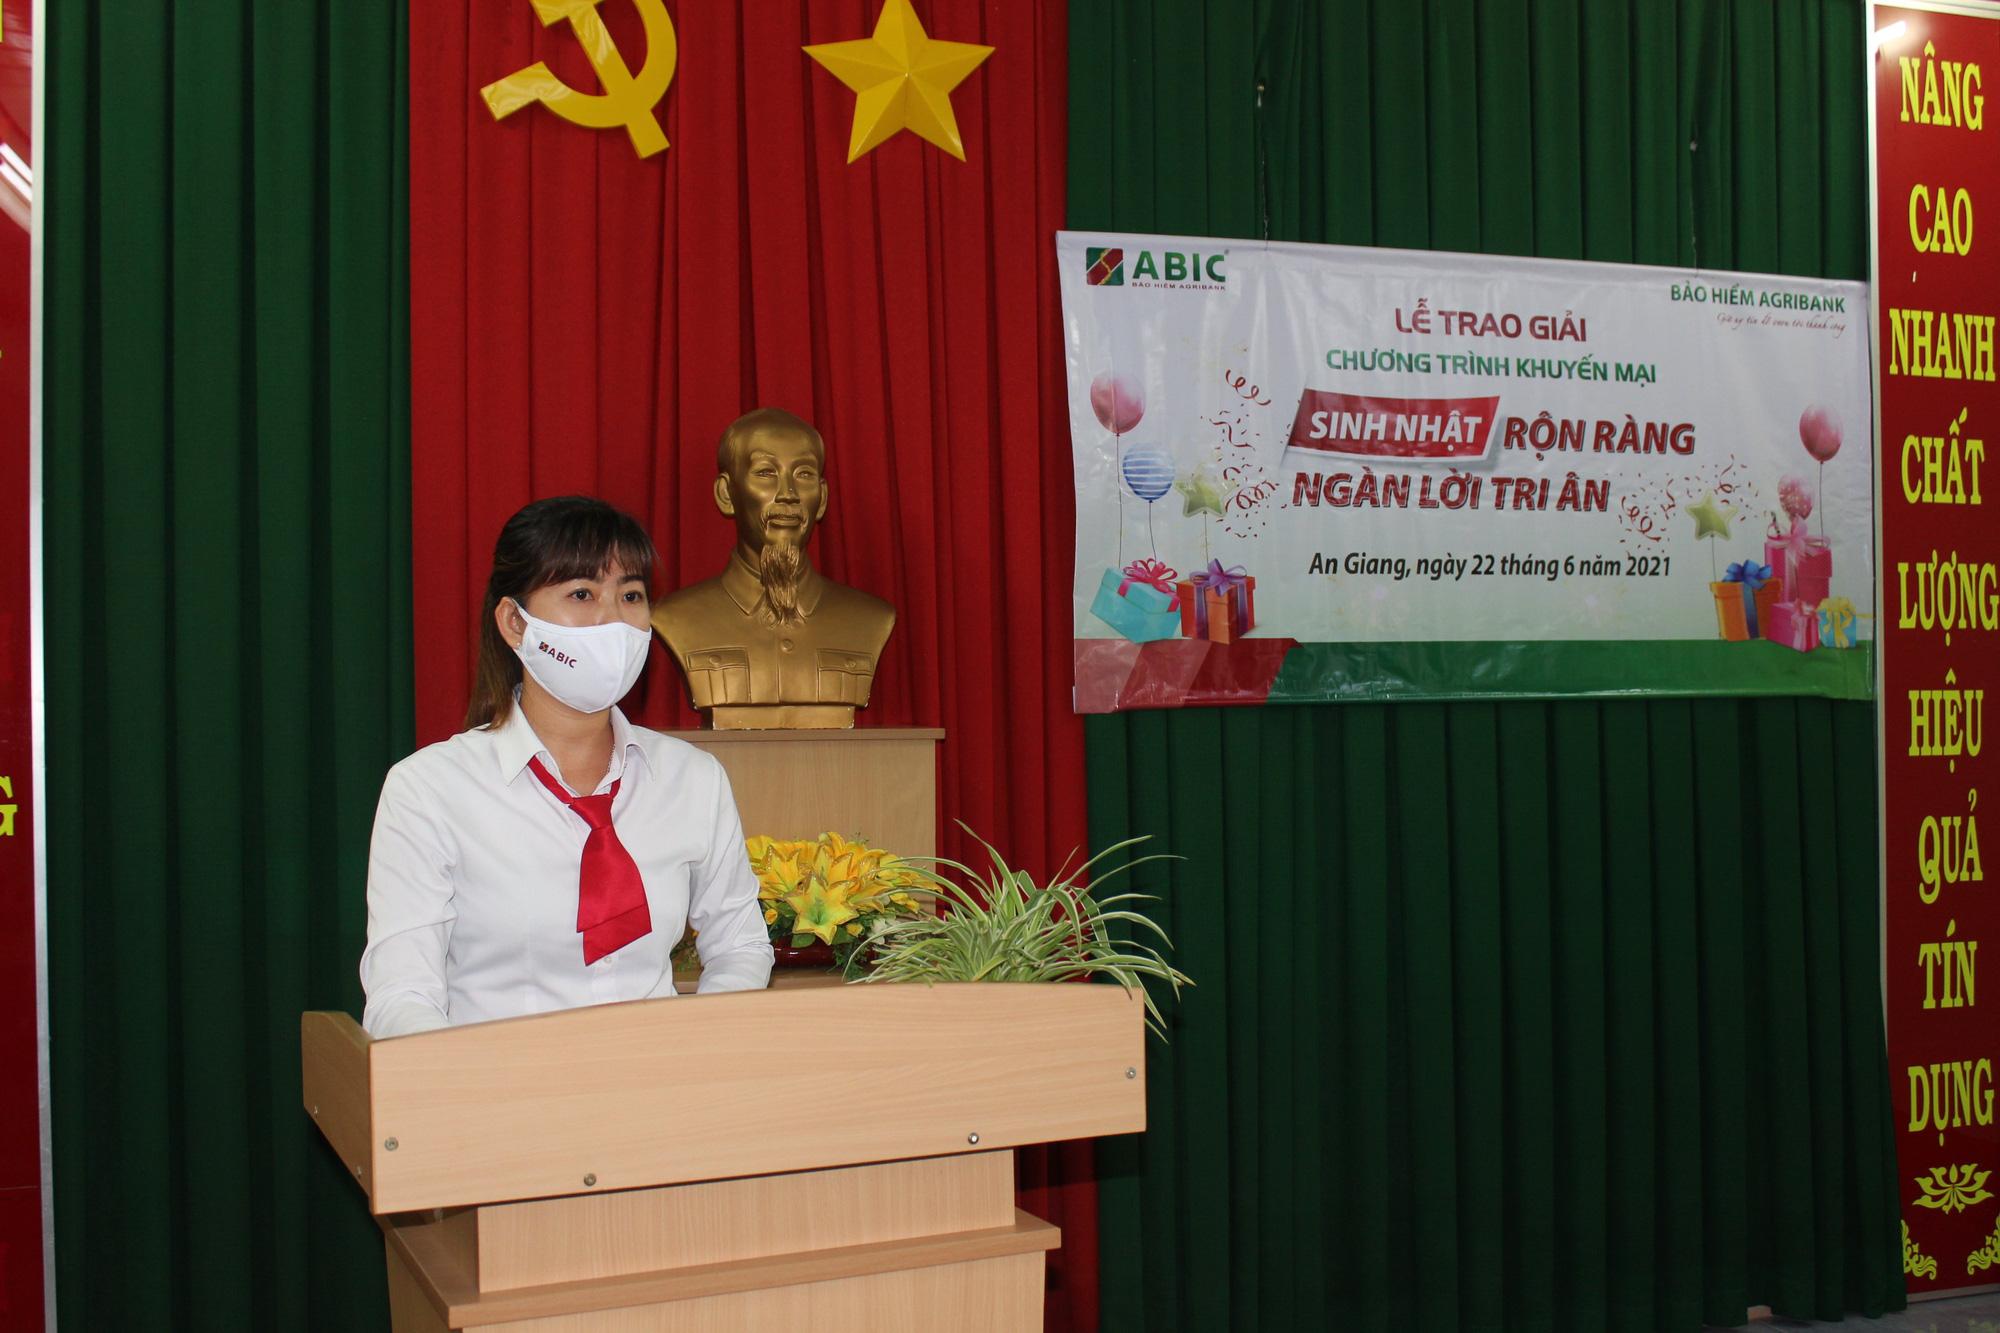 """Agribank Chi nhánh An Giang và ABIC Cần Thơ trao thưởng chương trình khuyến mại """"Sinh nhật rộn ràng - Ngàn lời tri ân""""  - Ảnh 3."""